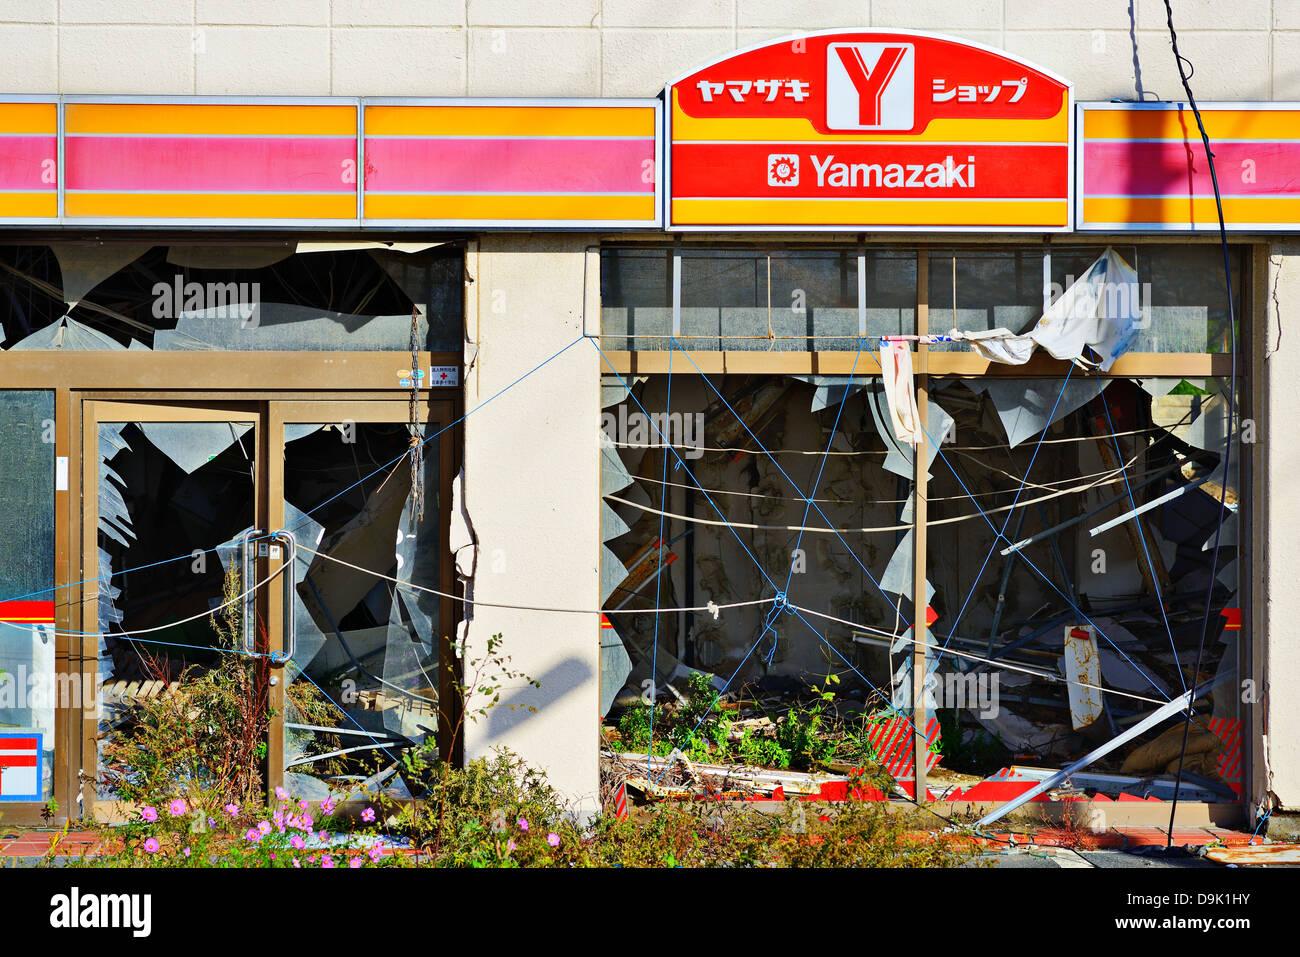 Yamazaki dépanneur détruits par le tremblement de terre de Tohoku et le tsunami. Photo Stock